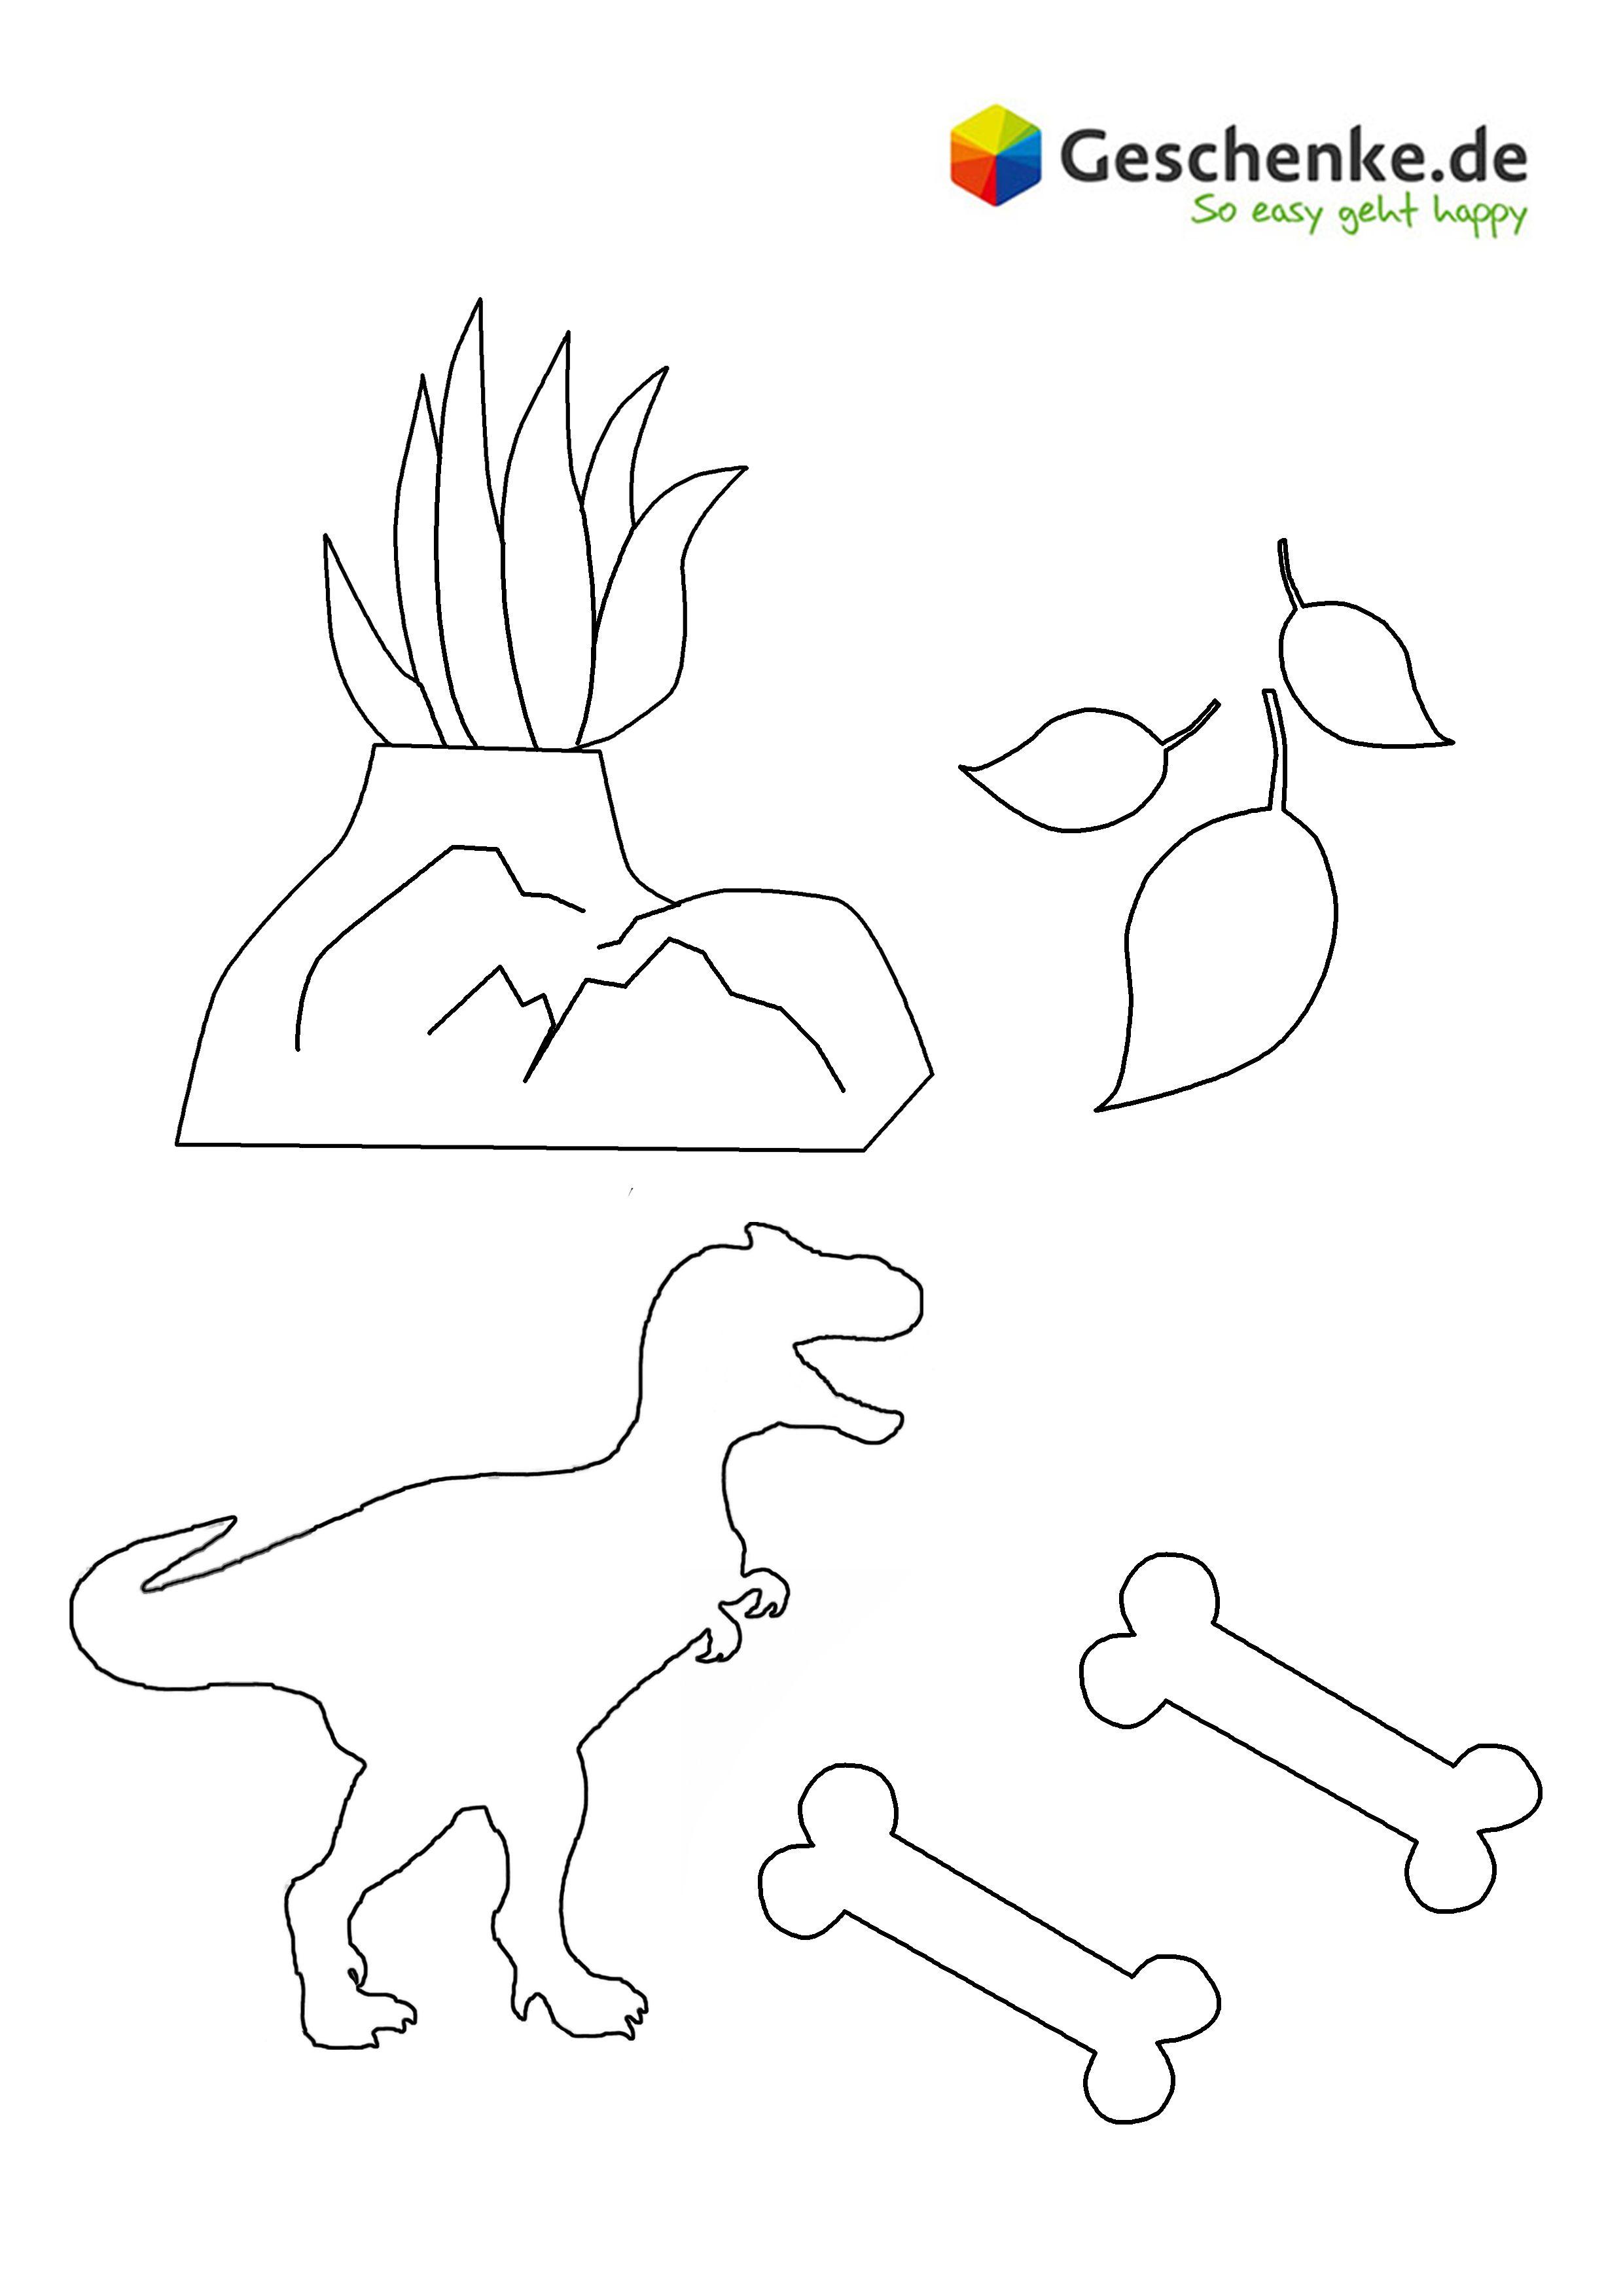 Dino Vorlage Jpg 2 480 3 508 Pixel Schultute Basteln Vorlage Schultute Basteln Schultute Selber Basteln